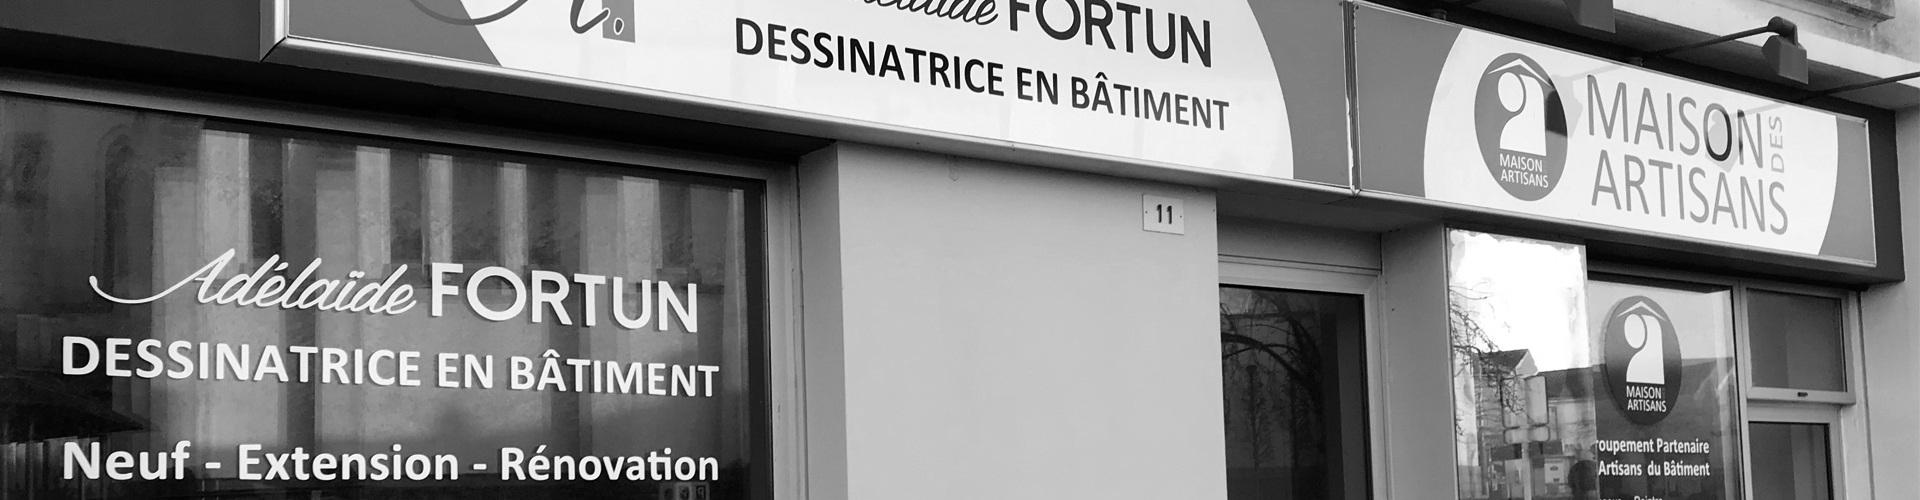 Enseigne adhésive lettres découpées Nantes